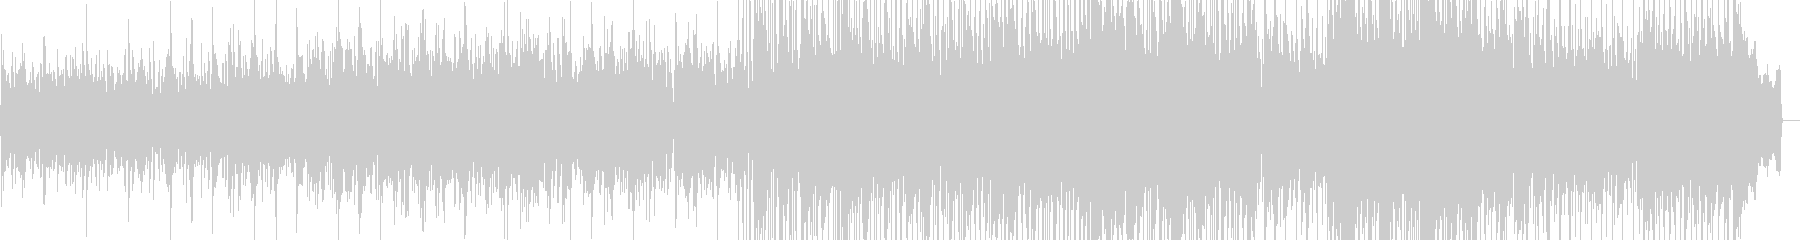 エレクトリックピアノが印象的なバラードの未再生の波形